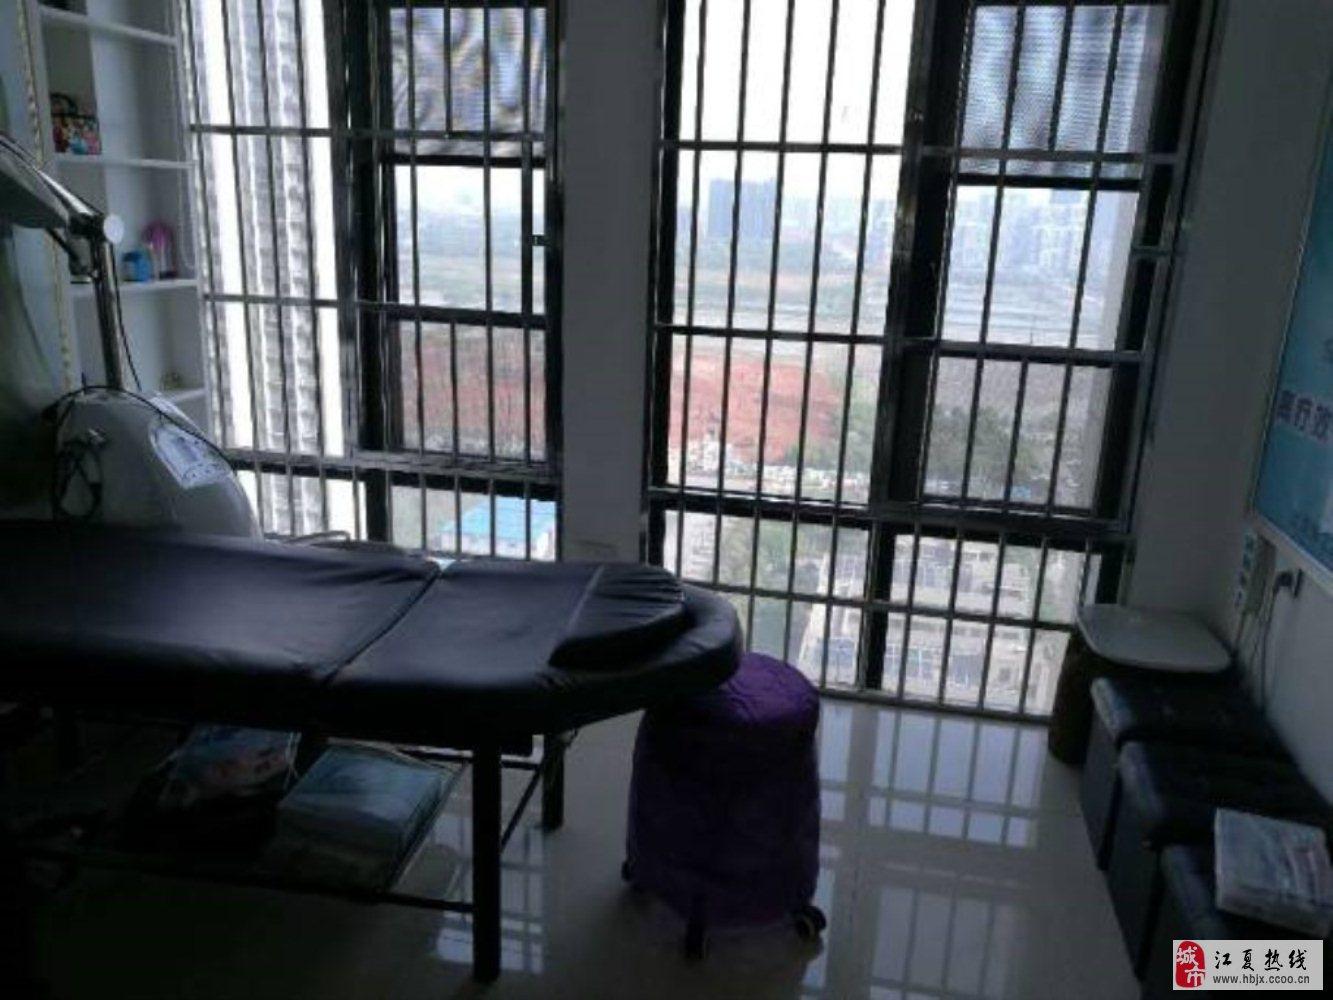 聯投公寓精裝1室2廳1衛62萬即買即收傭